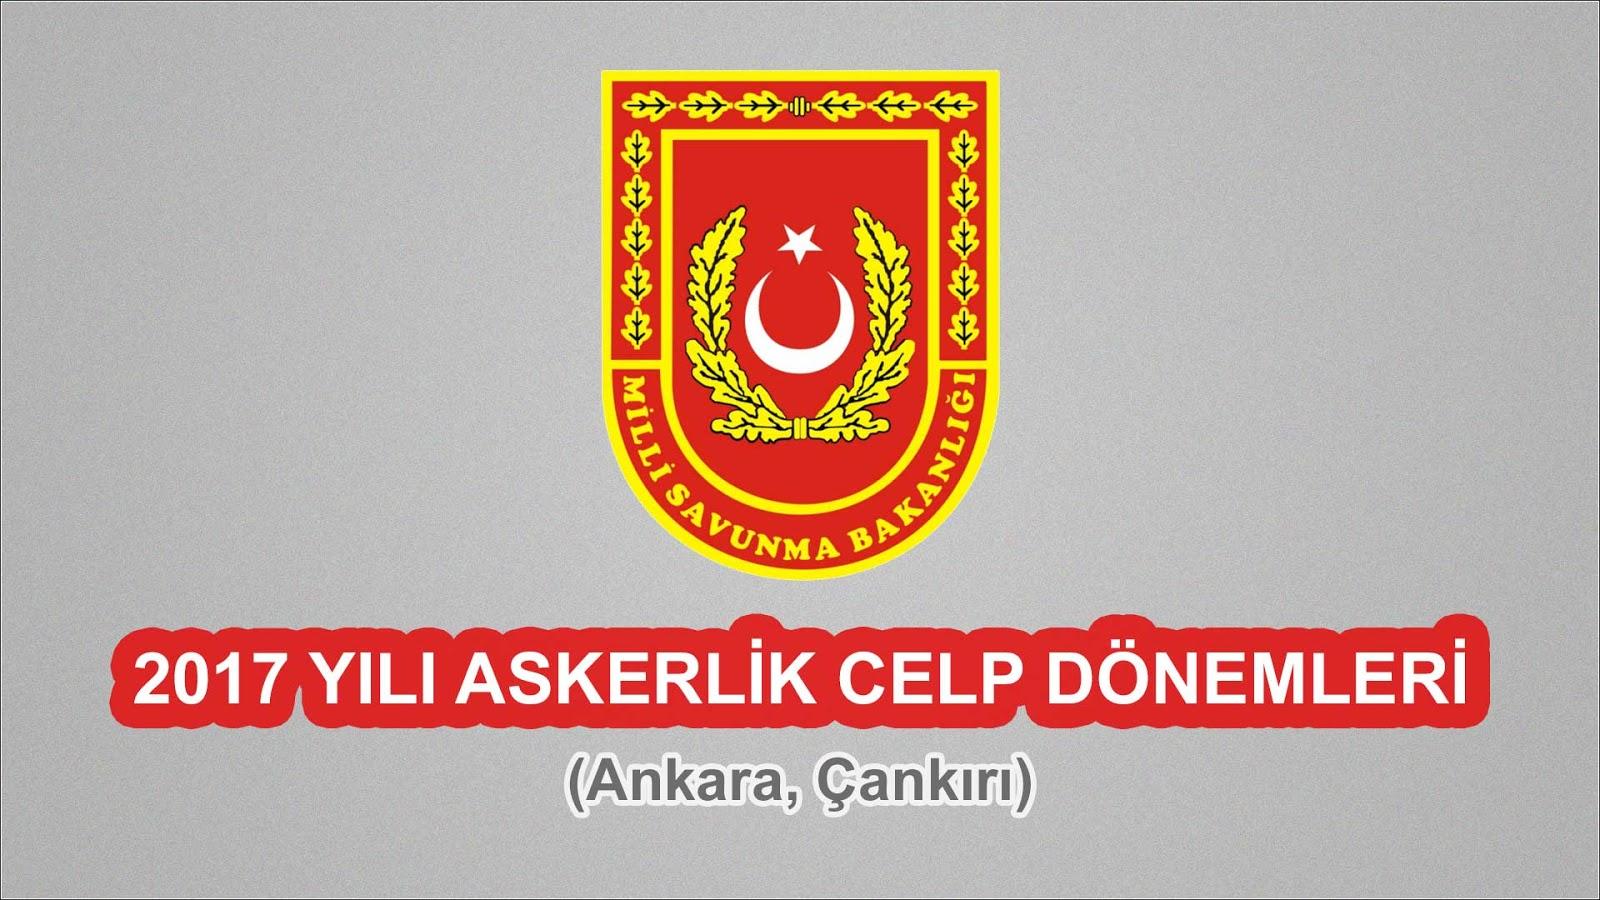 2017 Yılı Ankara, Çankırı Askerlik Celp Dönemleri